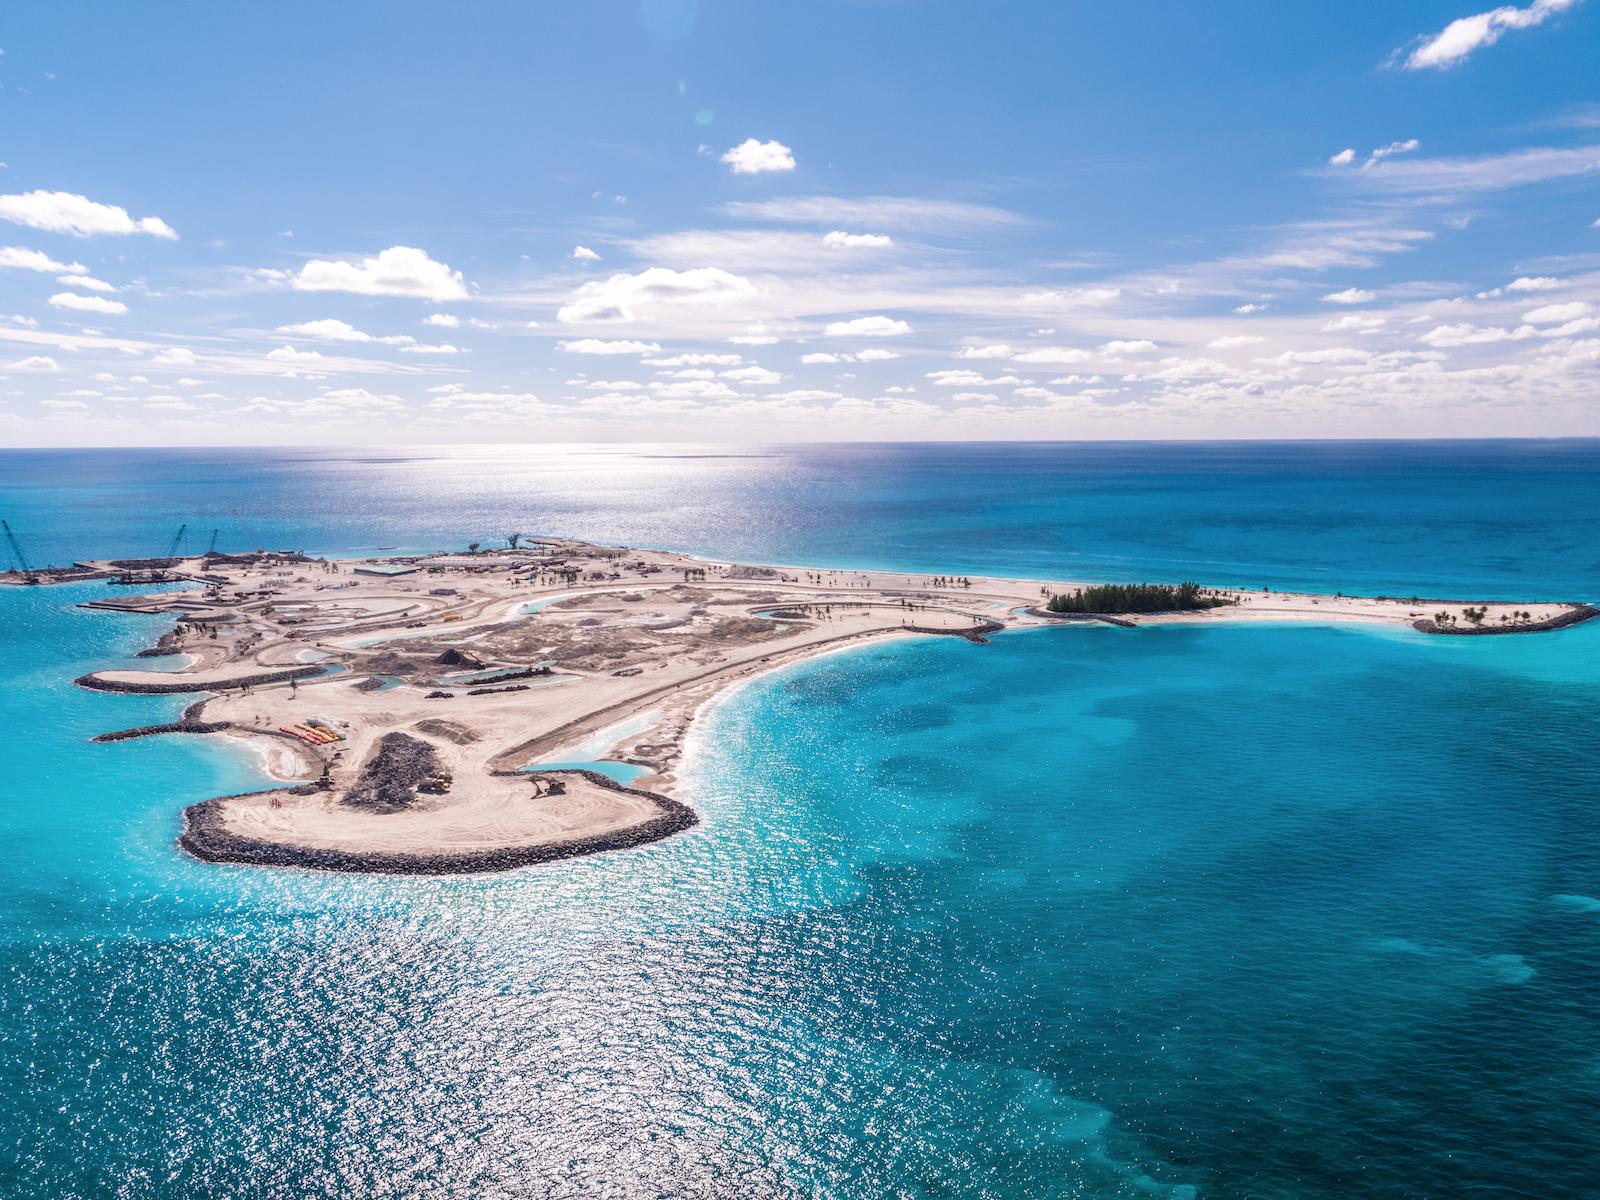 Ocean Cay, ile privée située dans les Caraïbes, s'apprête à accueillir ses premiers clients cette année © Conrad Schutt